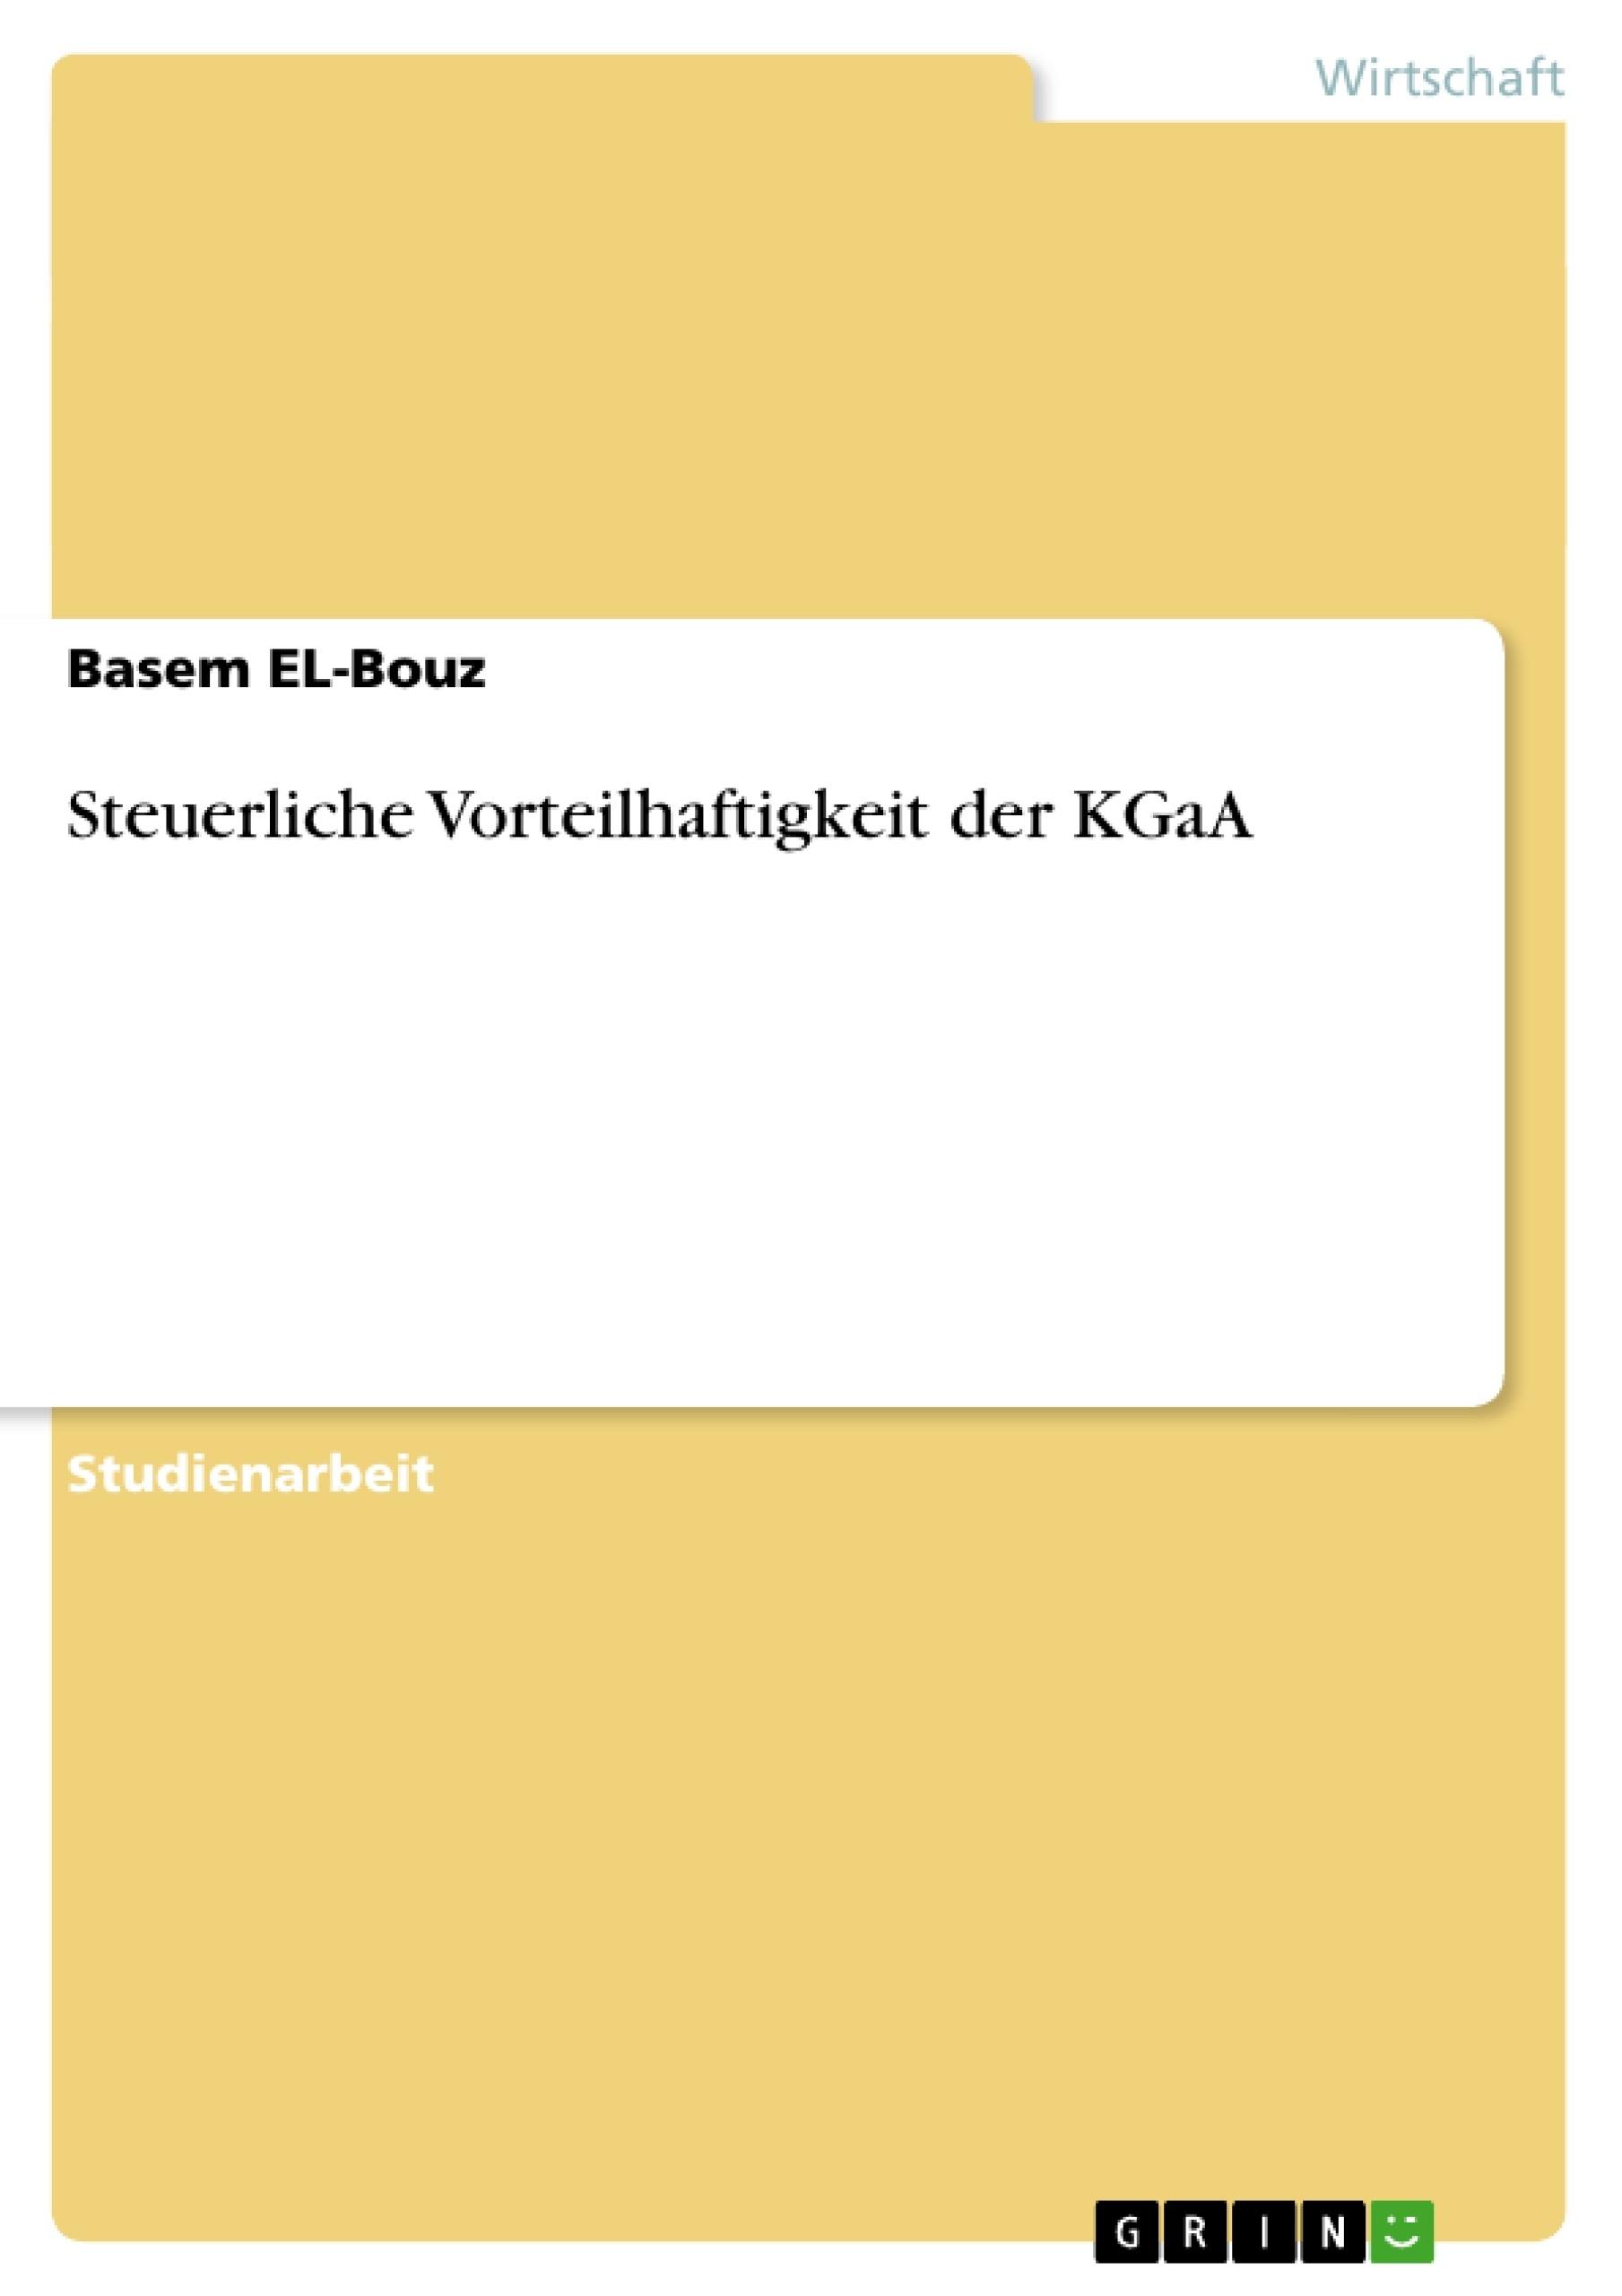 Titel: Steuerliche Vorteilhaftigkeit der KGaA